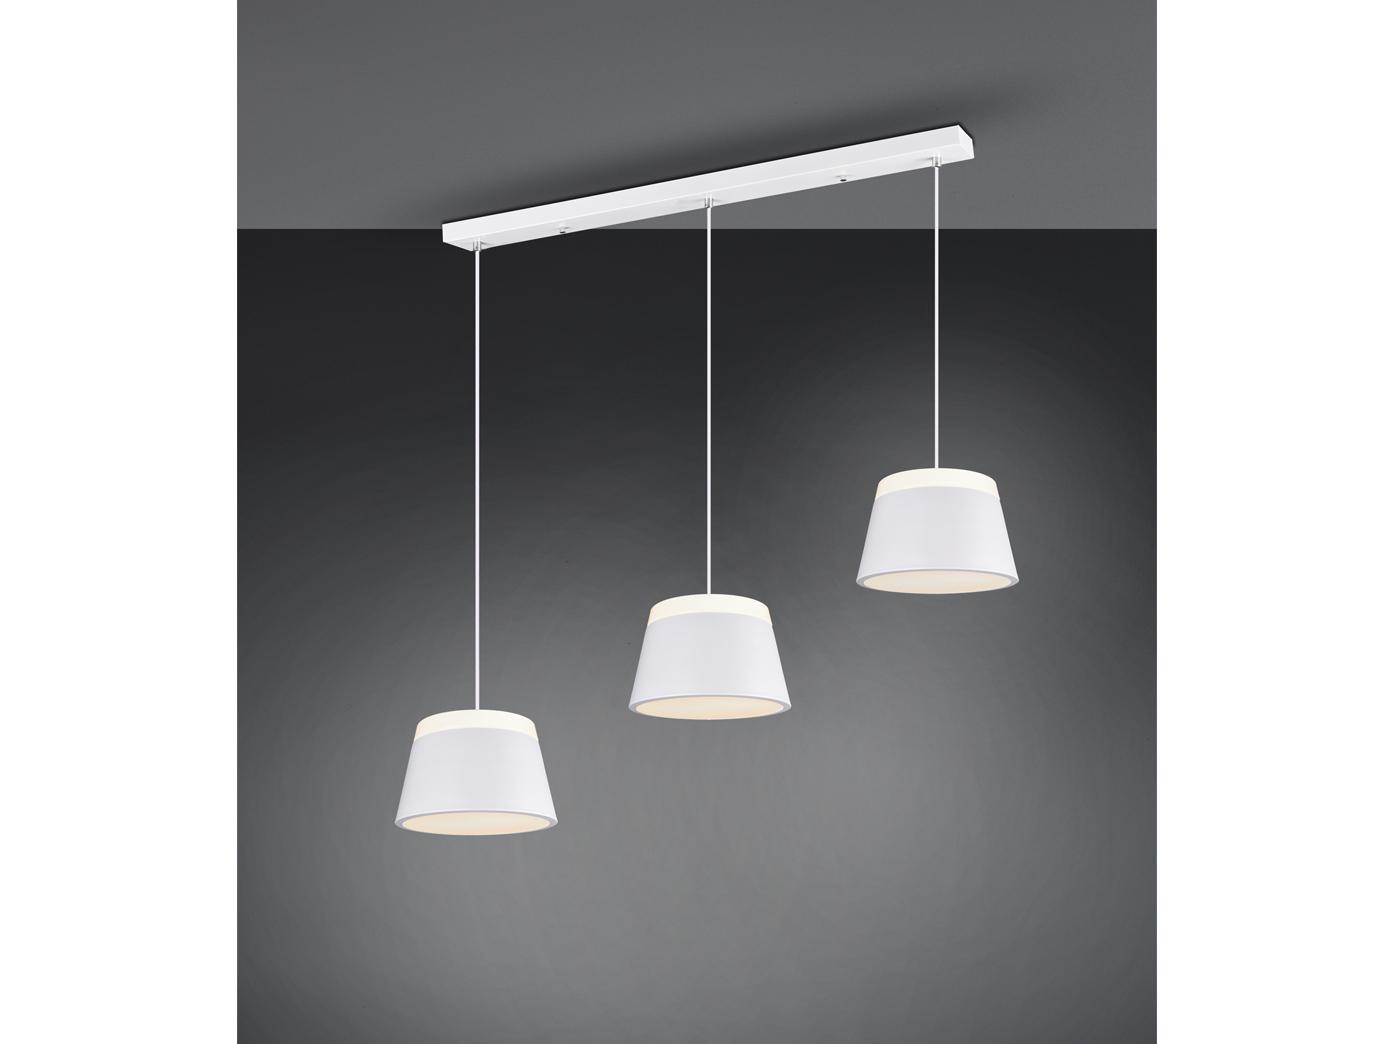 Full Size of Lampe über Kochinsel 5e4f1eeab0766 Schlafzimmer Wandlampe Stehlampen Wohnzimmer Küche Betten überlänge Sofa überzug Lampen Deckenlampe Stehlampe Esstisch Wohnzimmer Lampe über Kochinsel